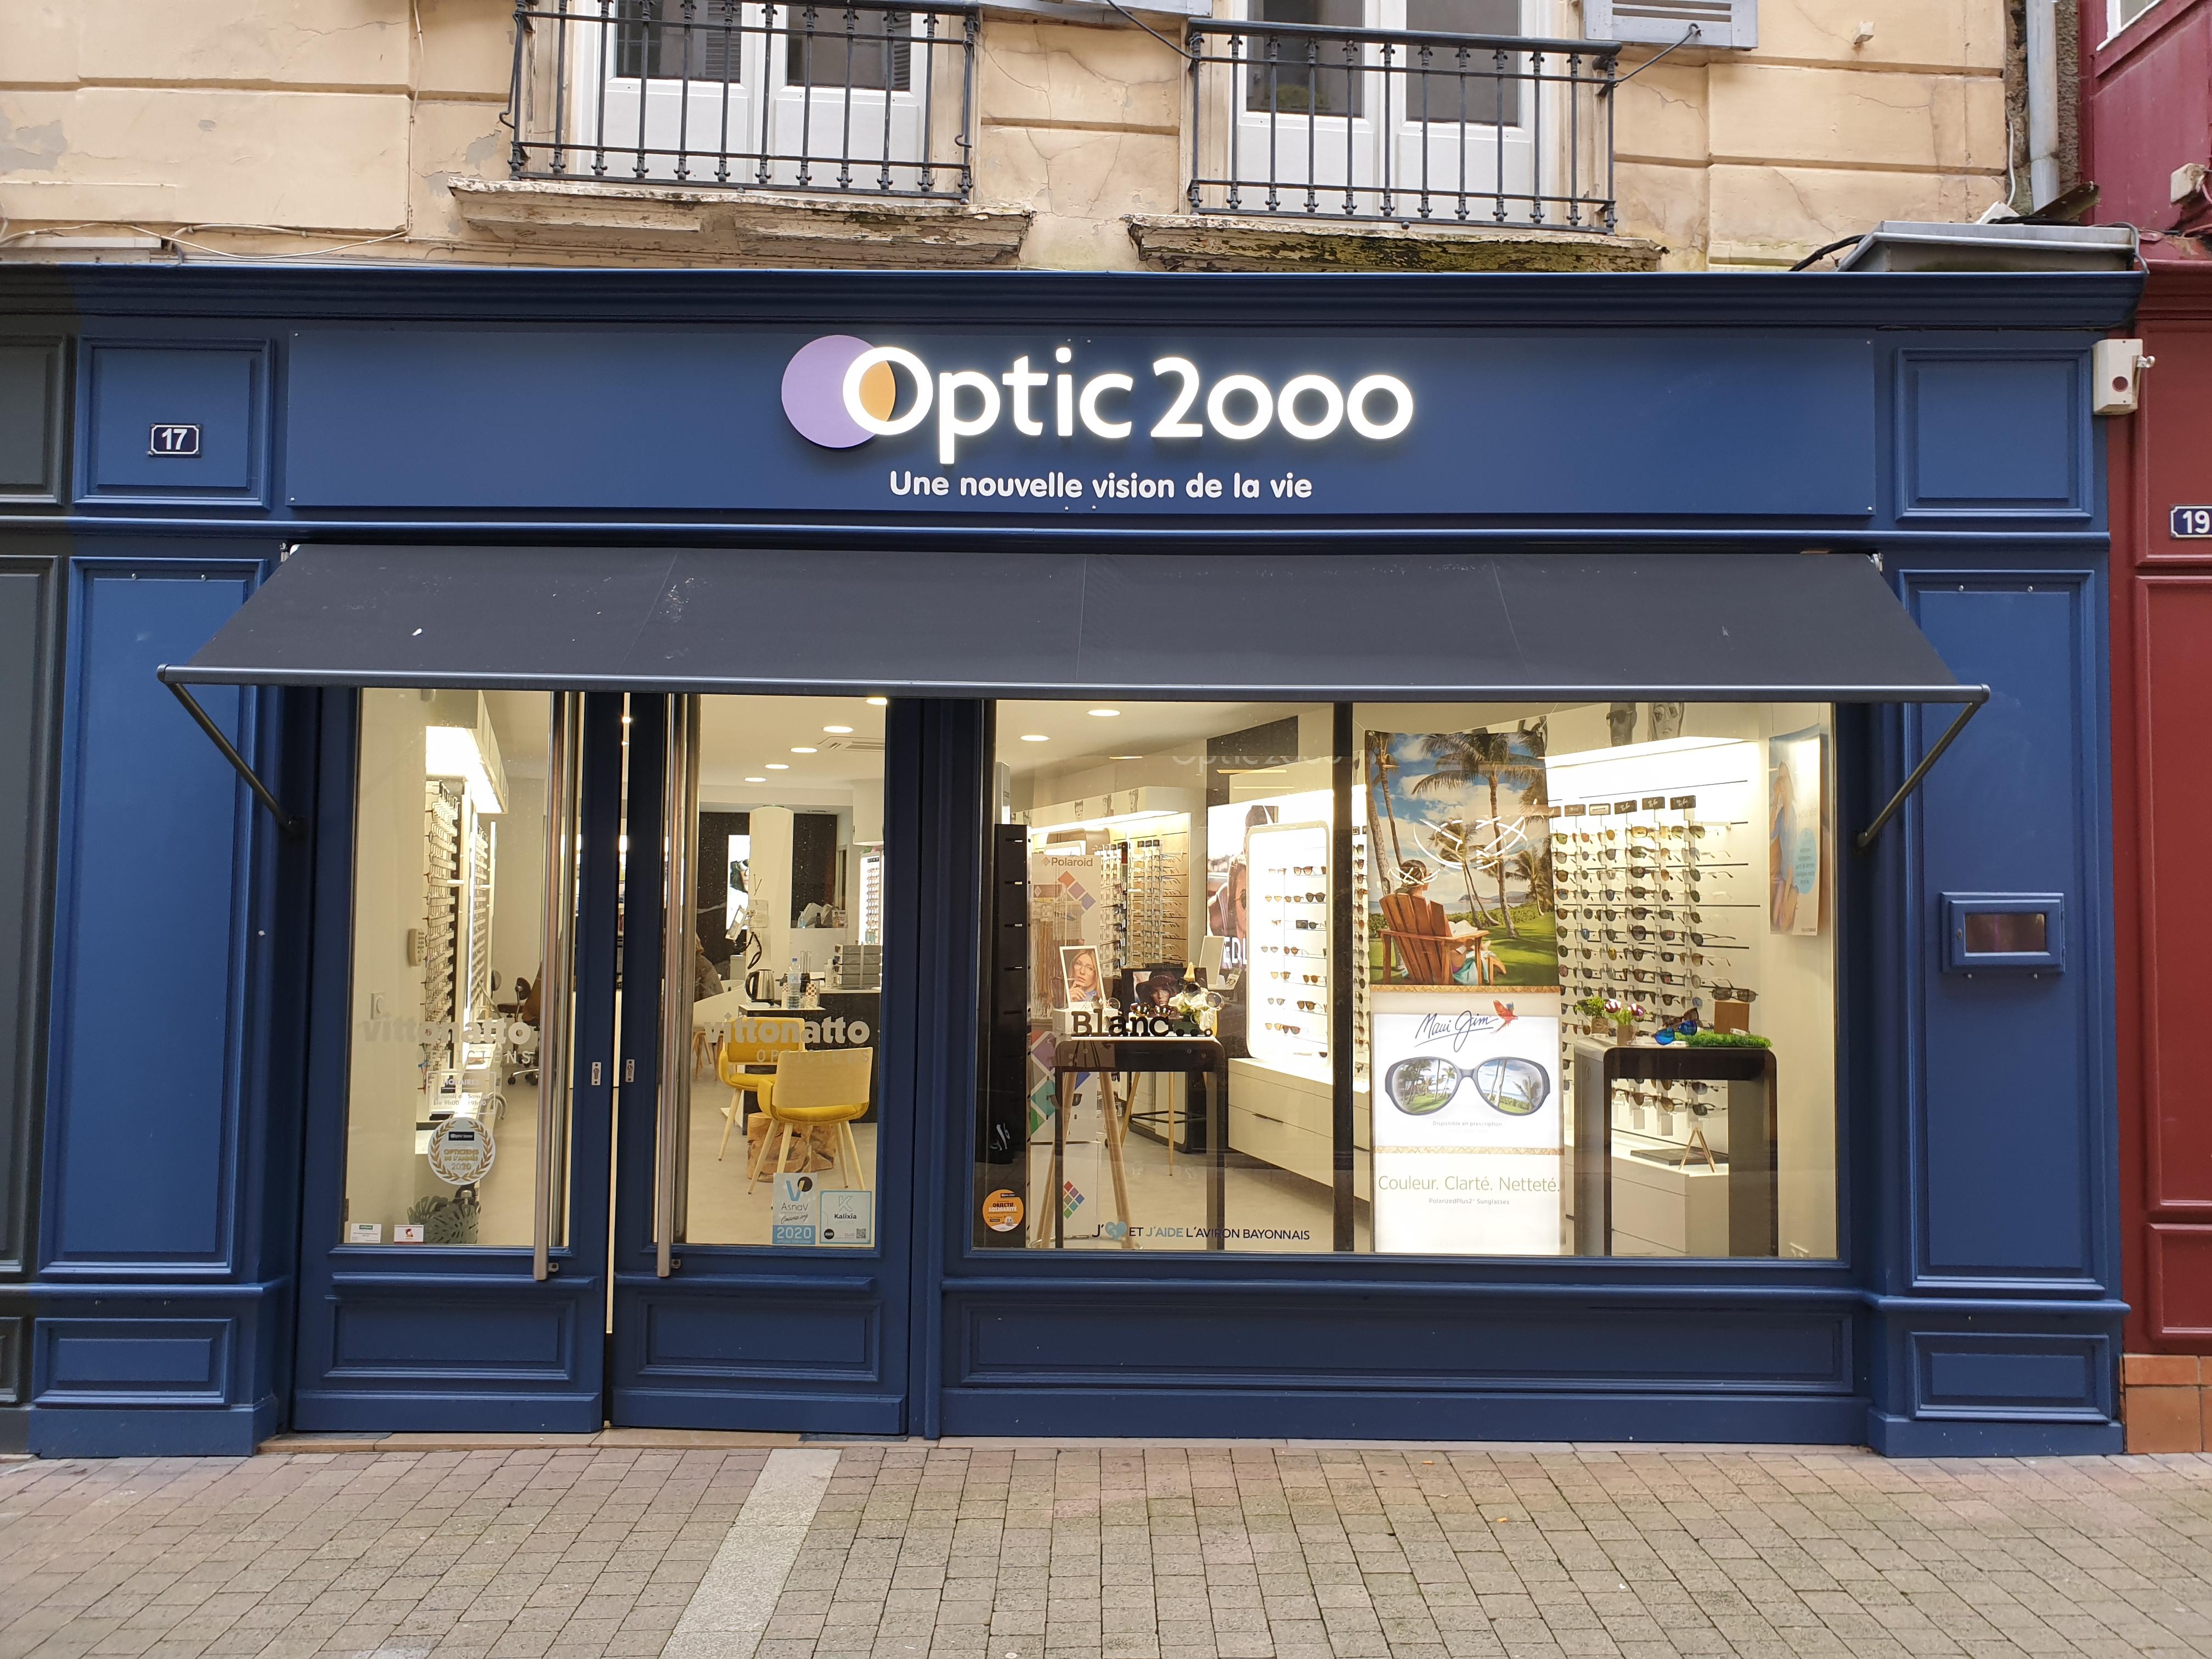 Opticien Optic 2000 Bayonne - Vittonatto - Lunettes, lunettes de soleil, lentilles